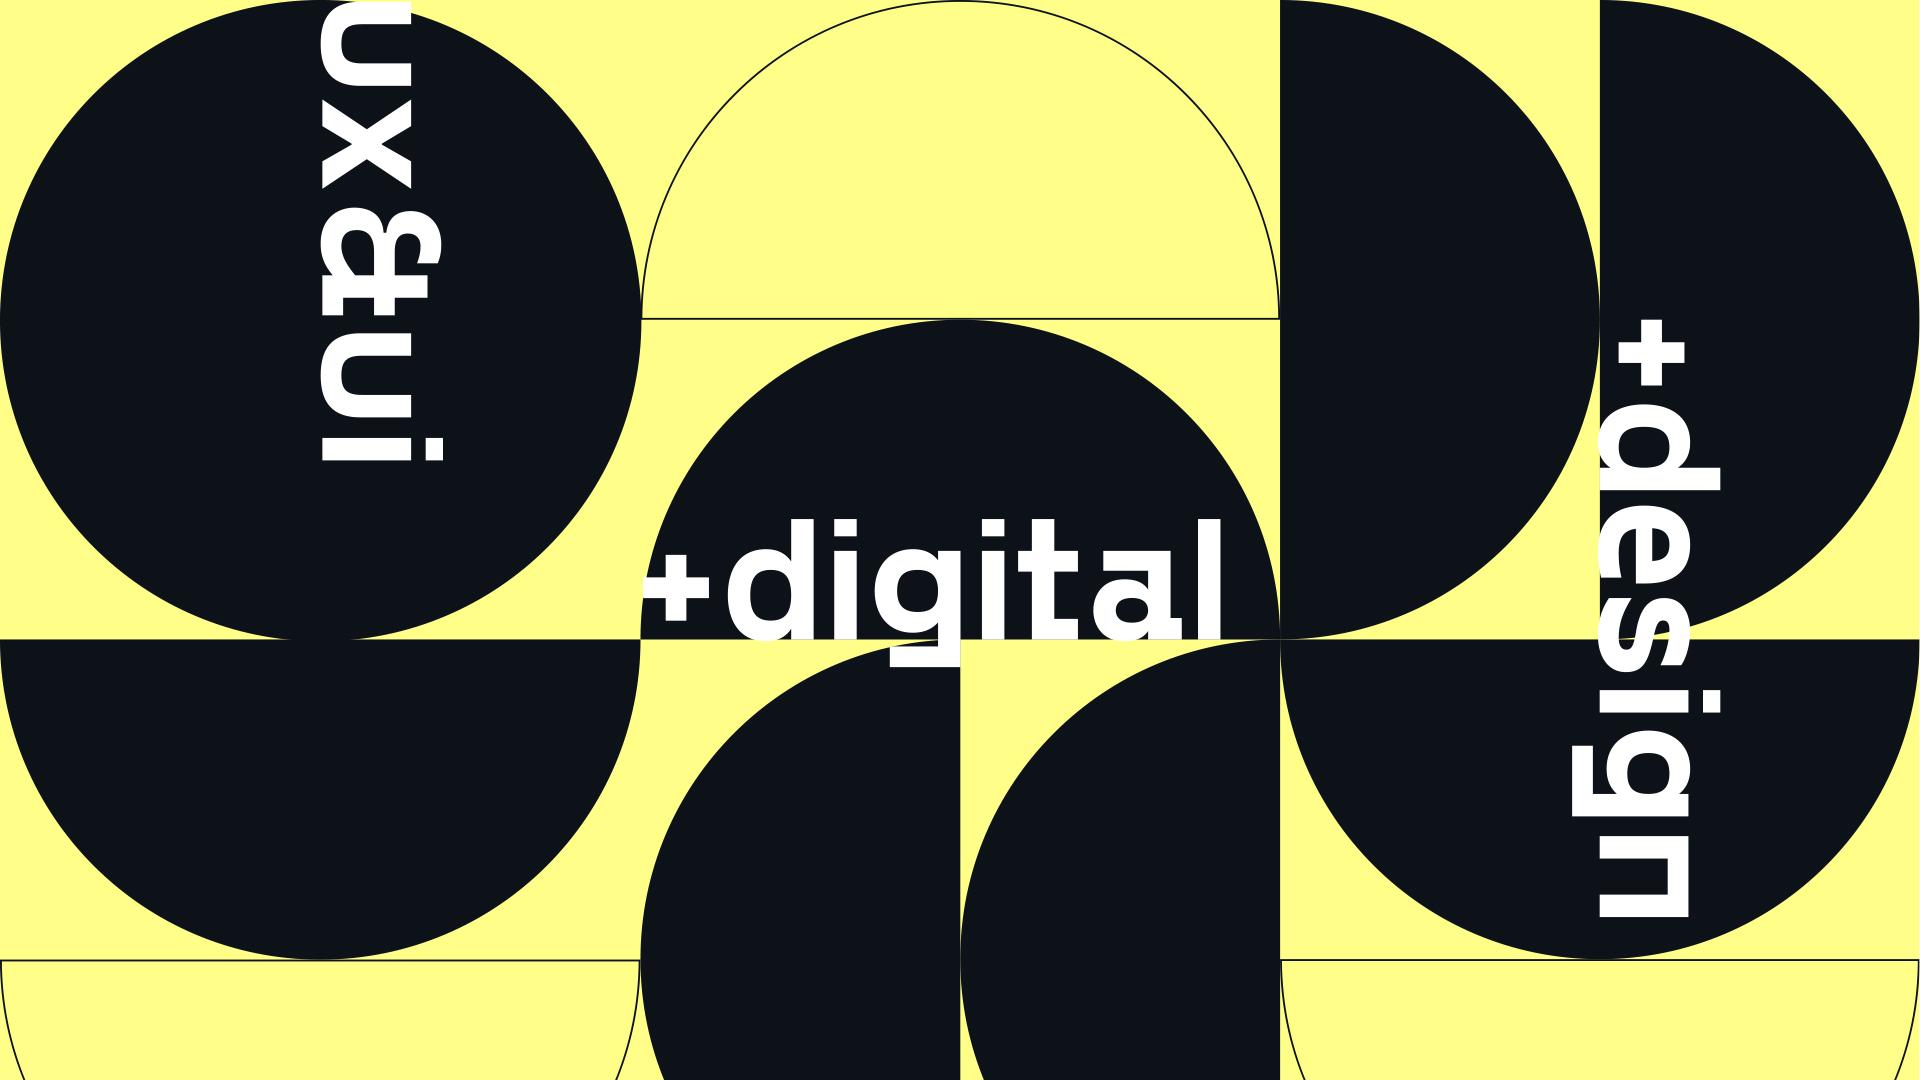 Nueva identidad corporativa estudio de diseño Flueed